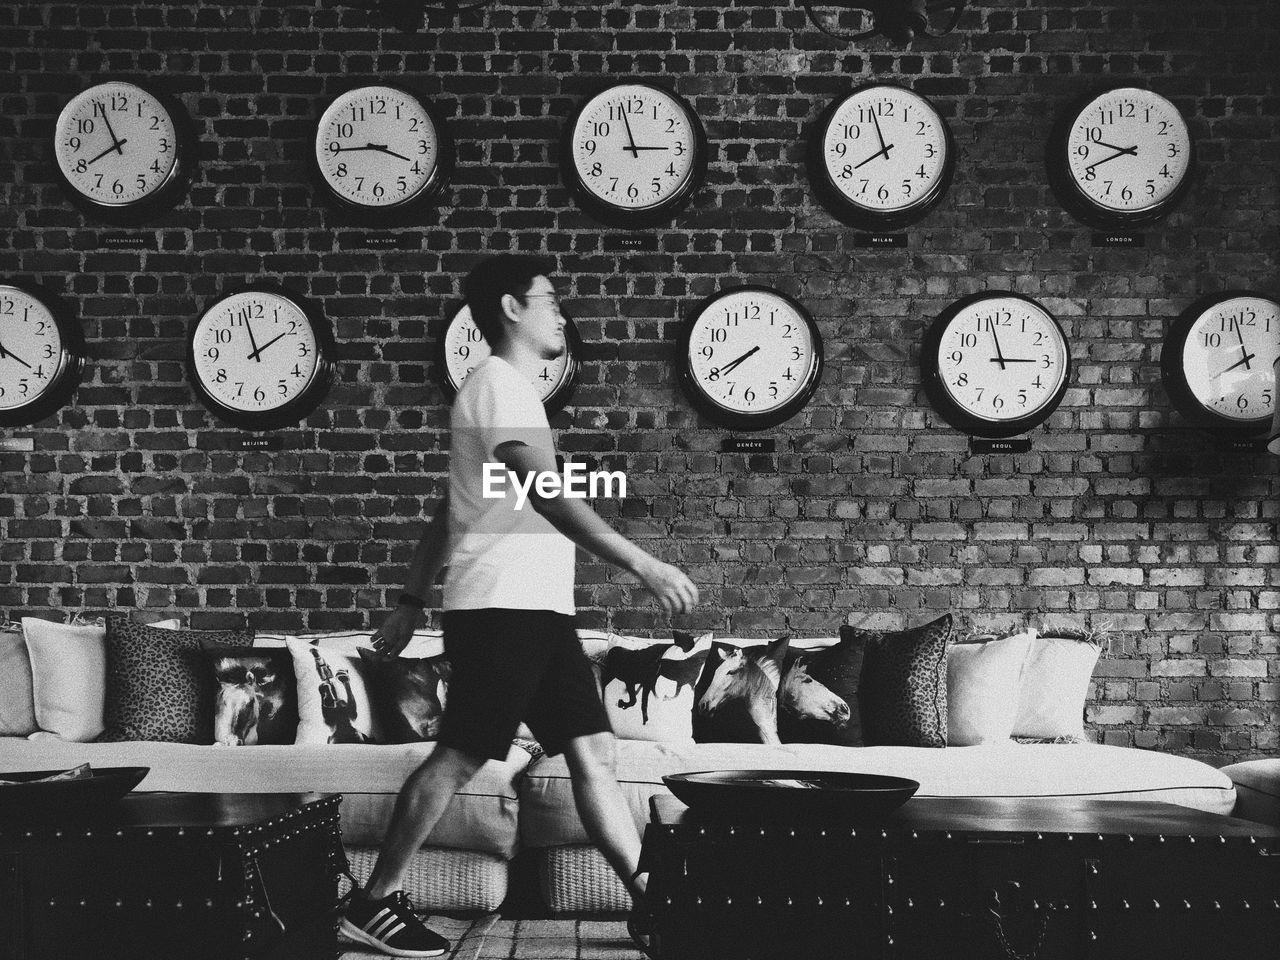 Man walking by wall clocks at home